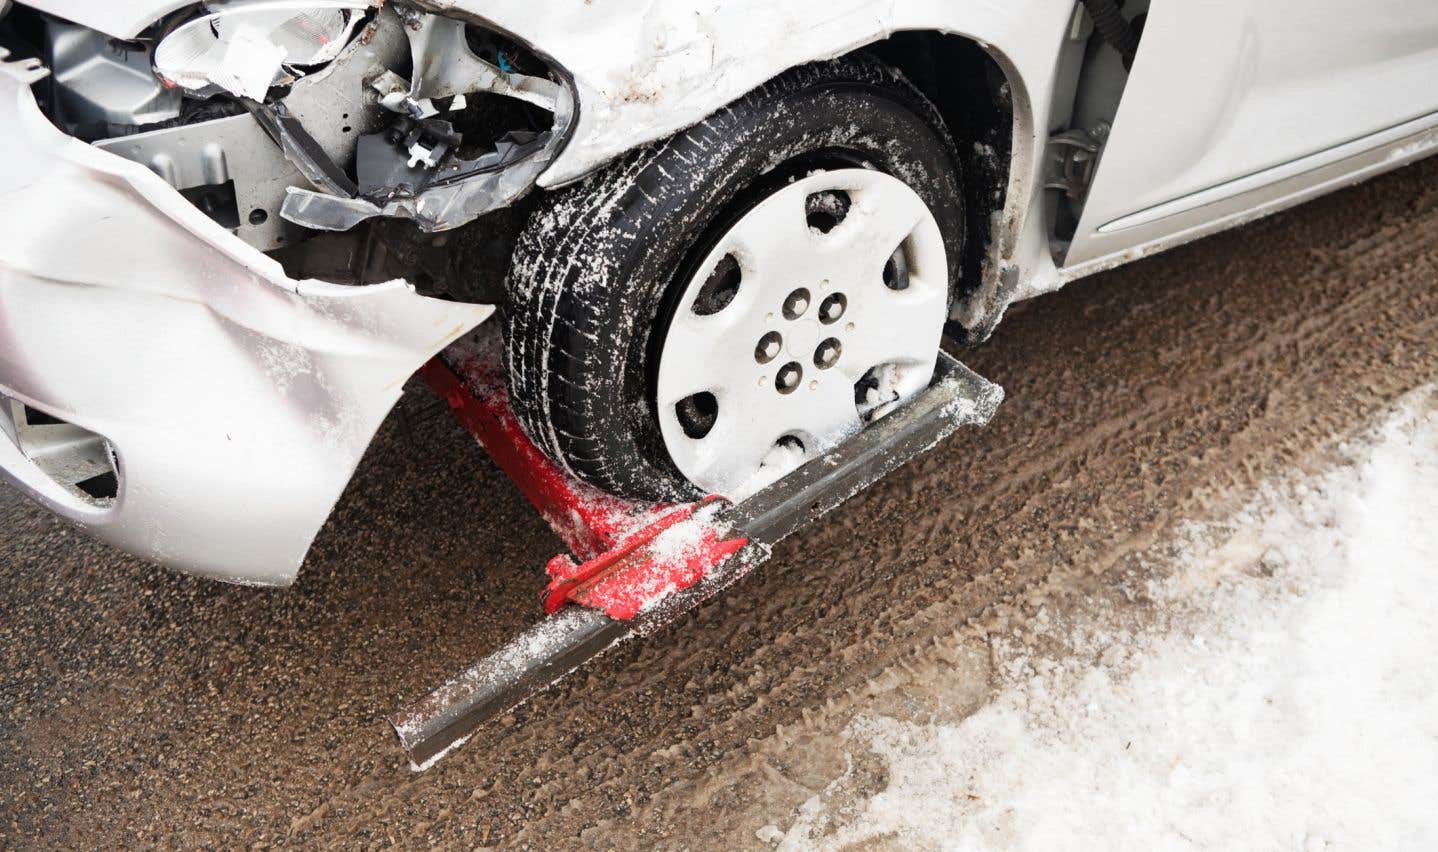 Un manque d'adhérence de la chaussée en raison du froid pourrait expliquer la série d'accidents.